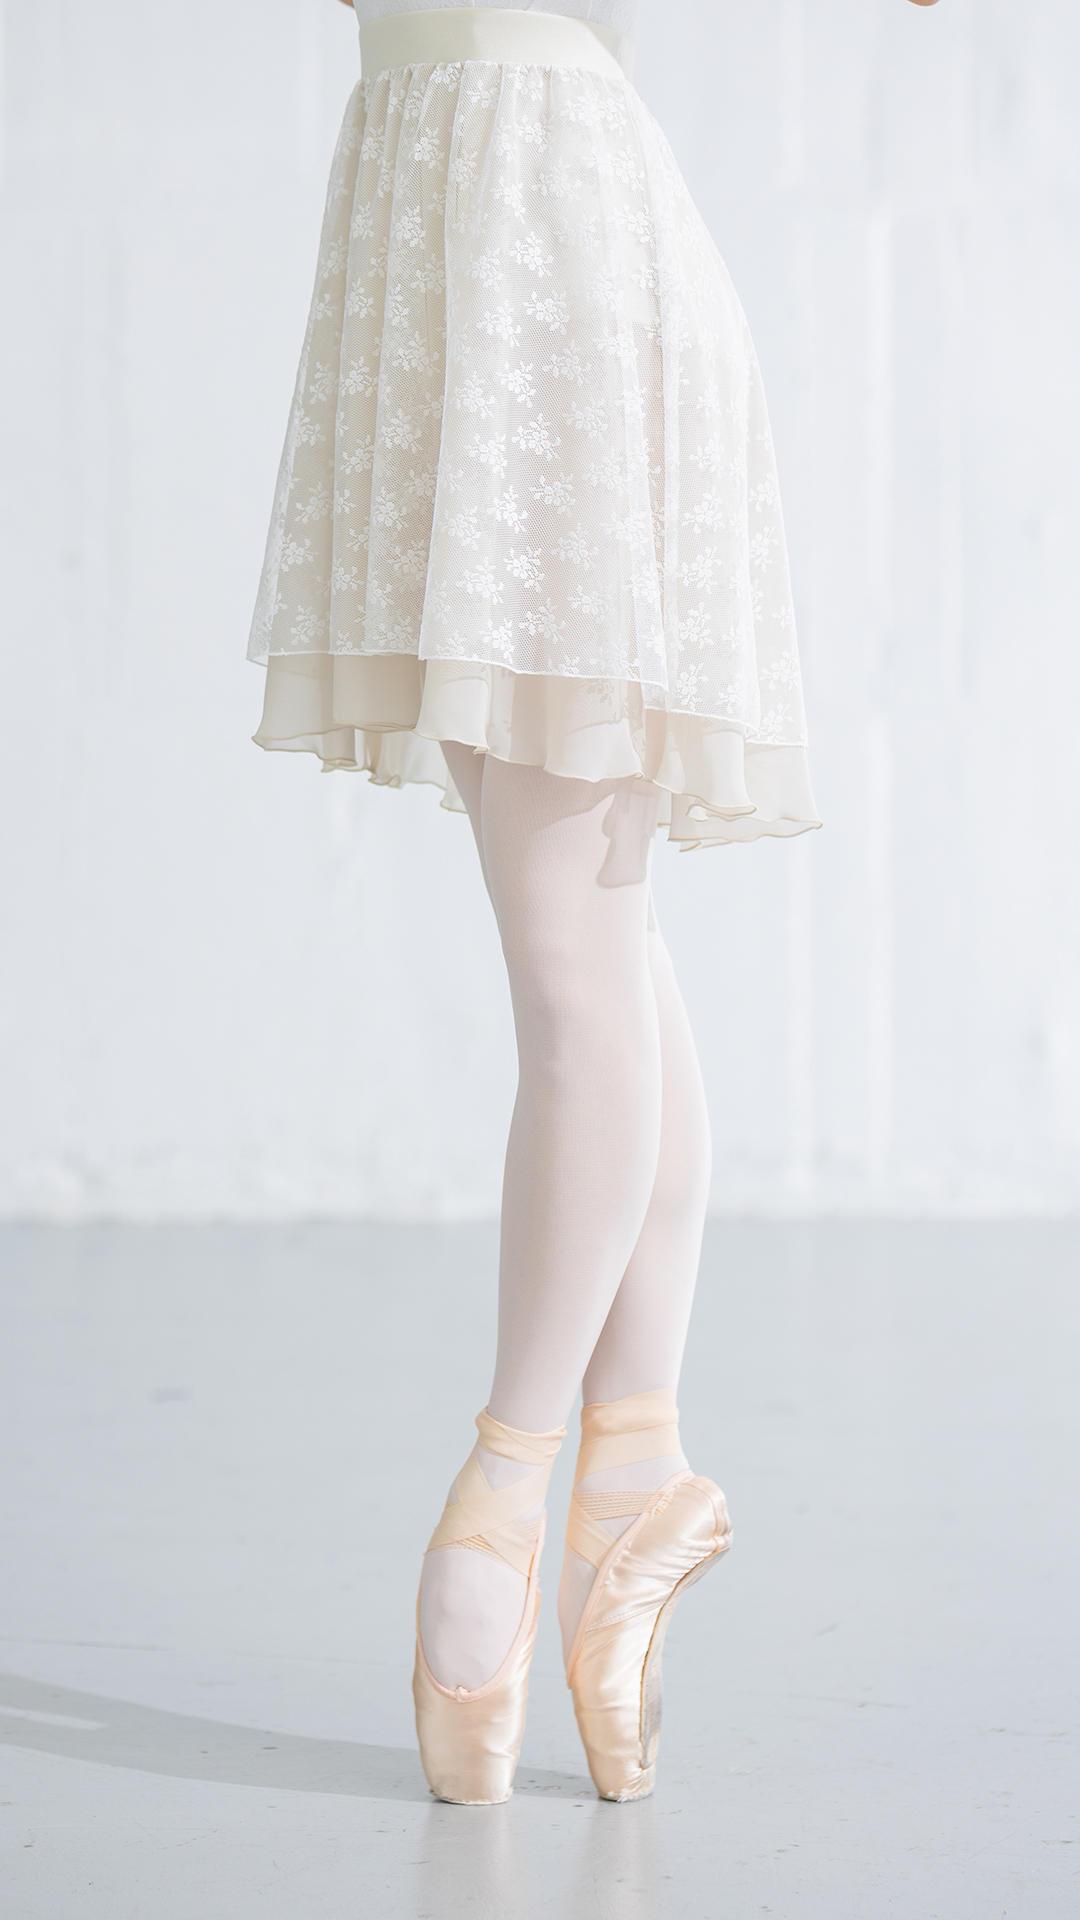 ladies_ballet_16.jpg